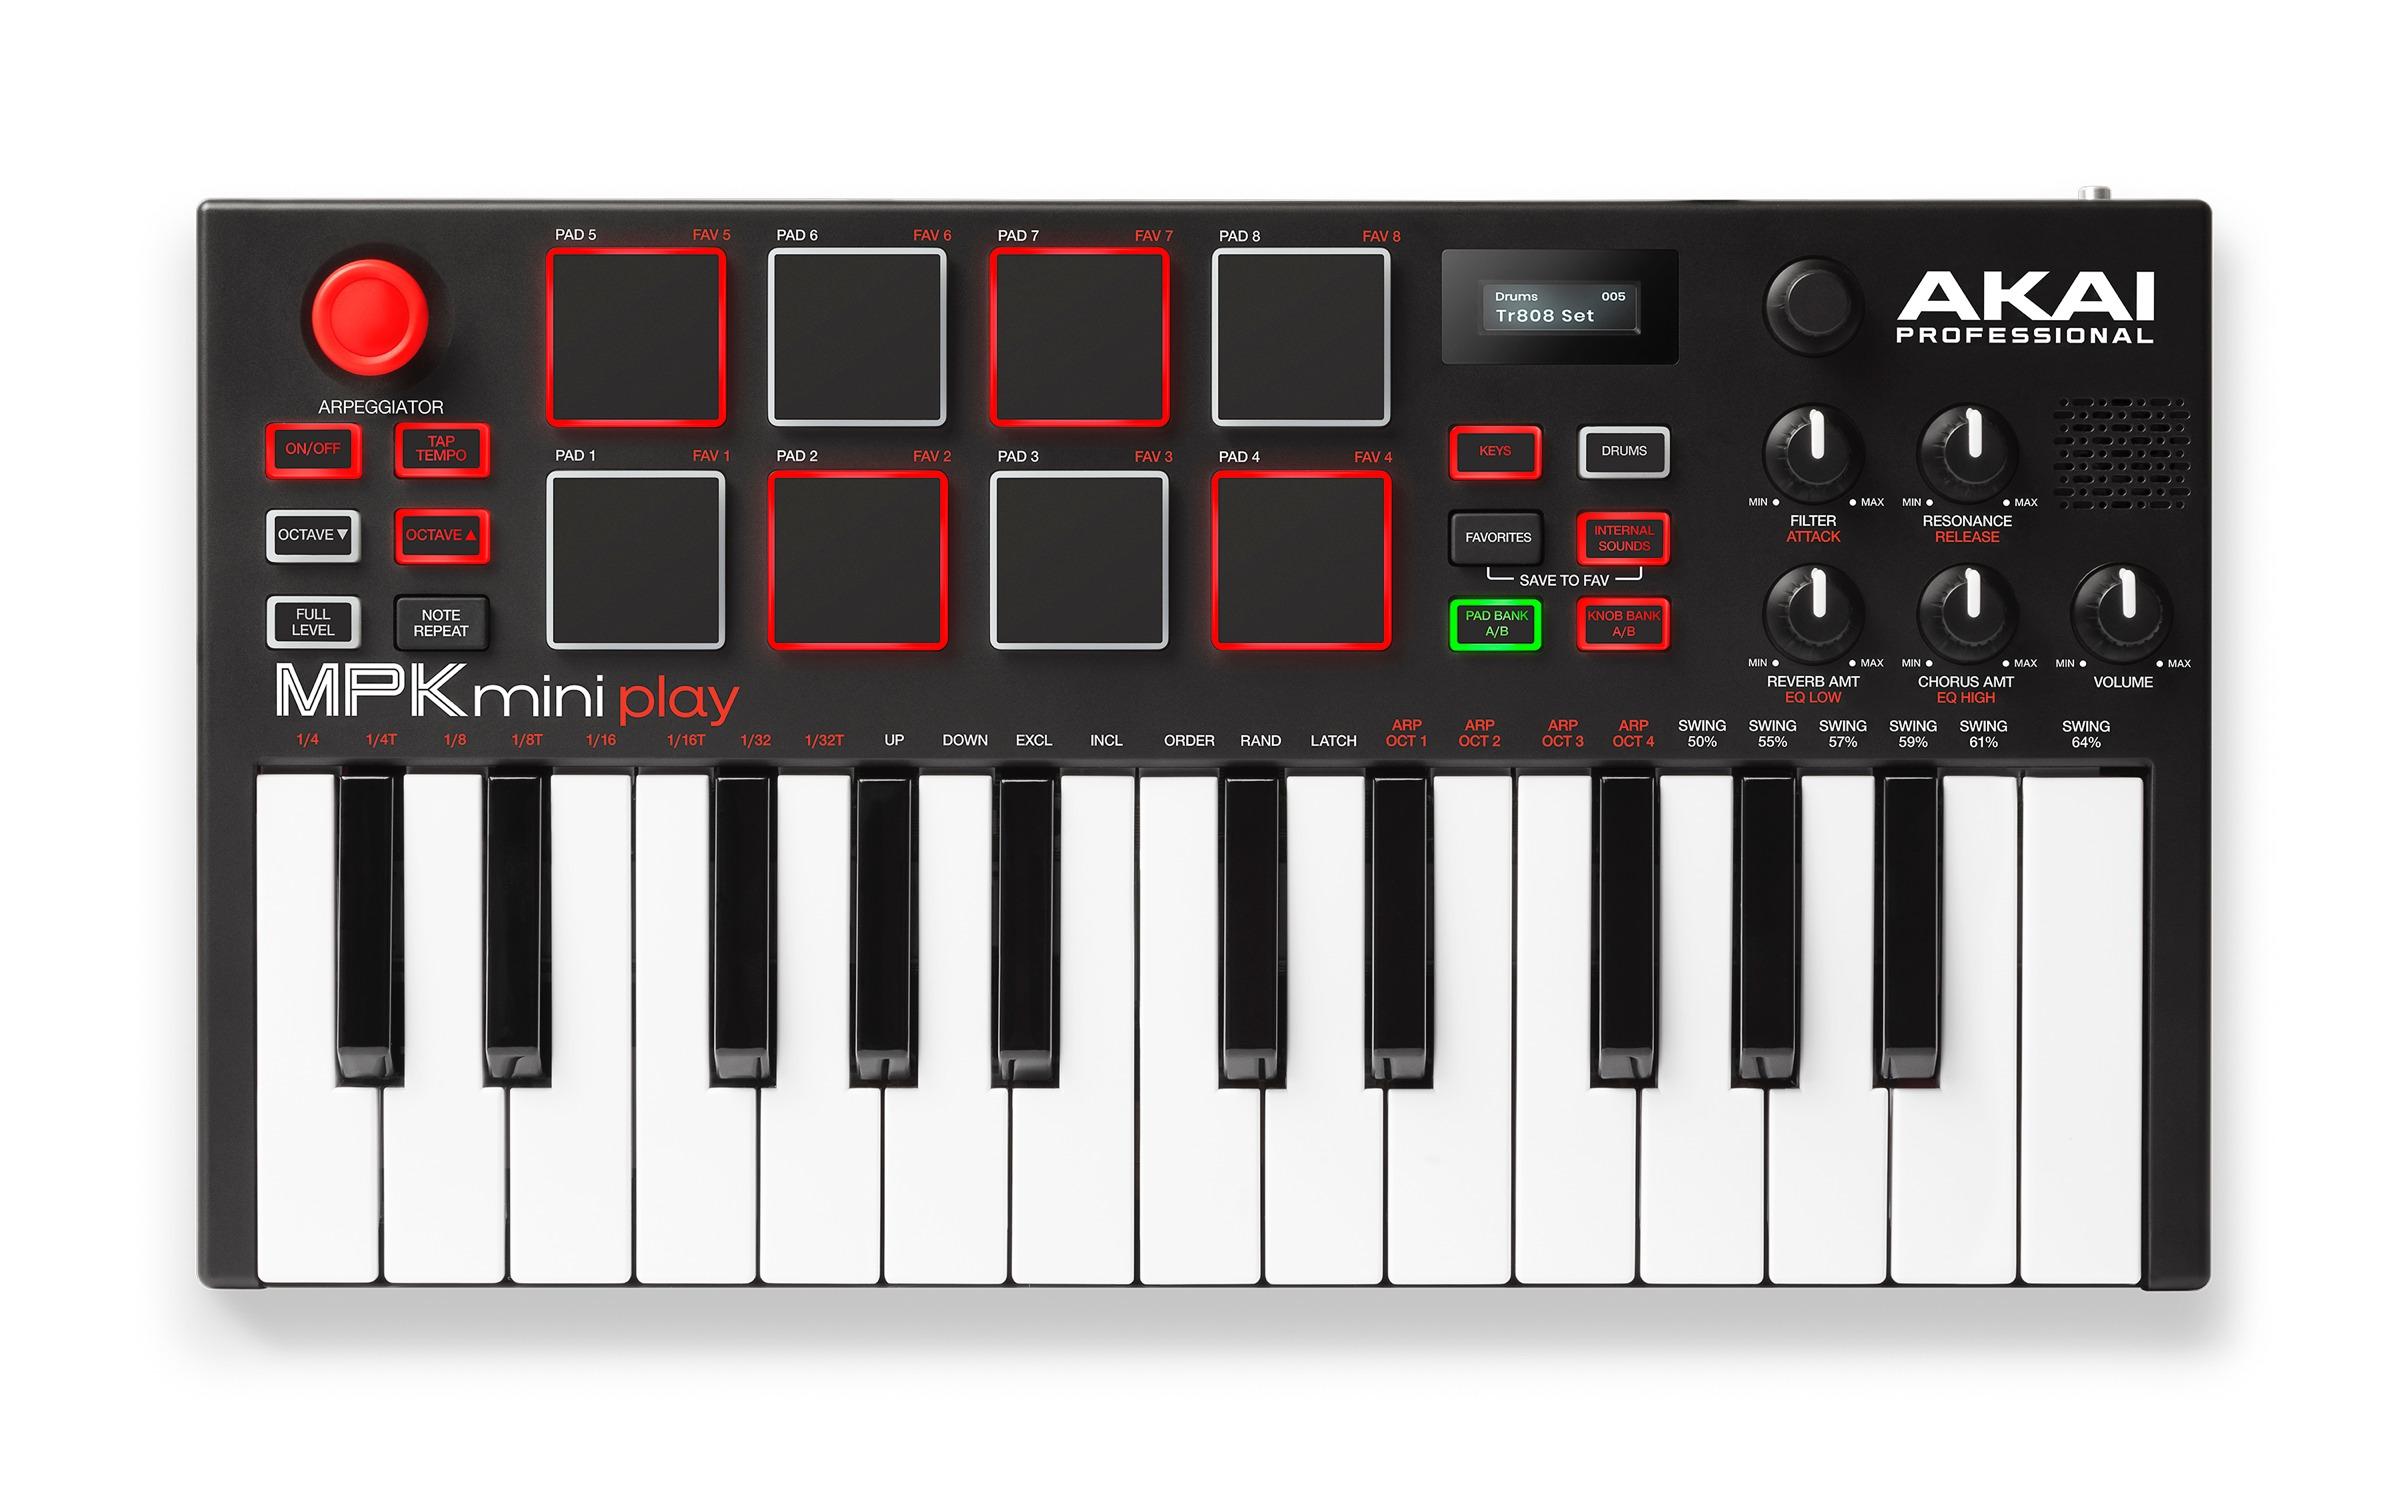 AKAI's cute little MPK mini keyboard now has internal sounds